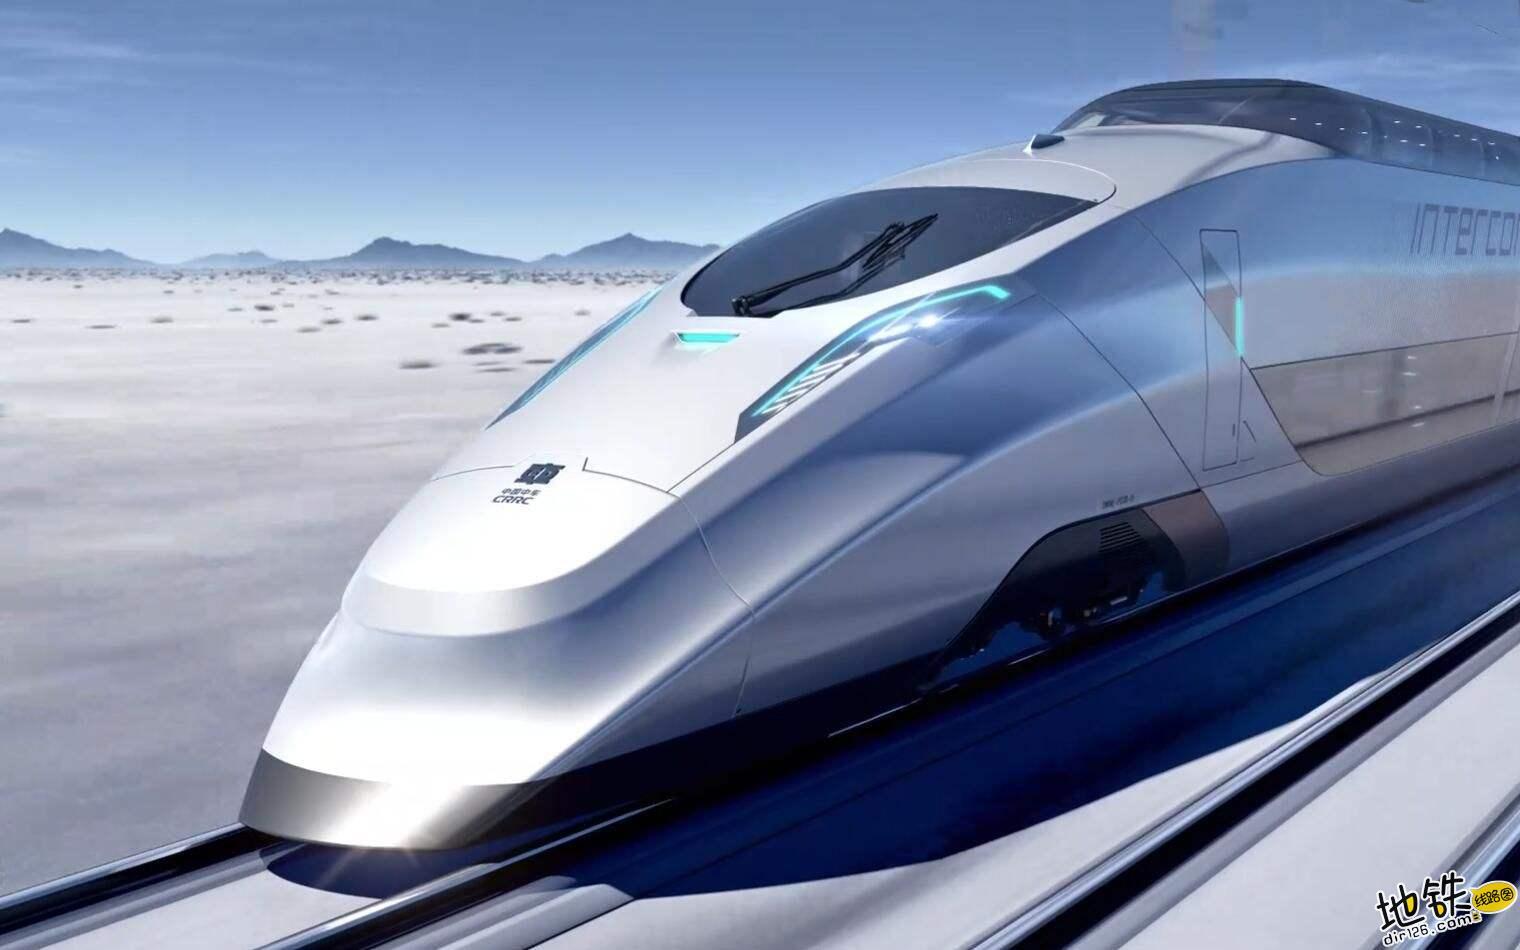 洲际概念高铁列车首次在国内展出 最低时速400公里